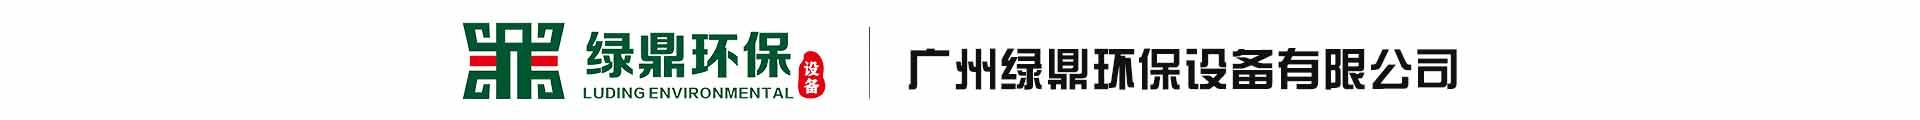 廣州綠鼎環保設備有限公司